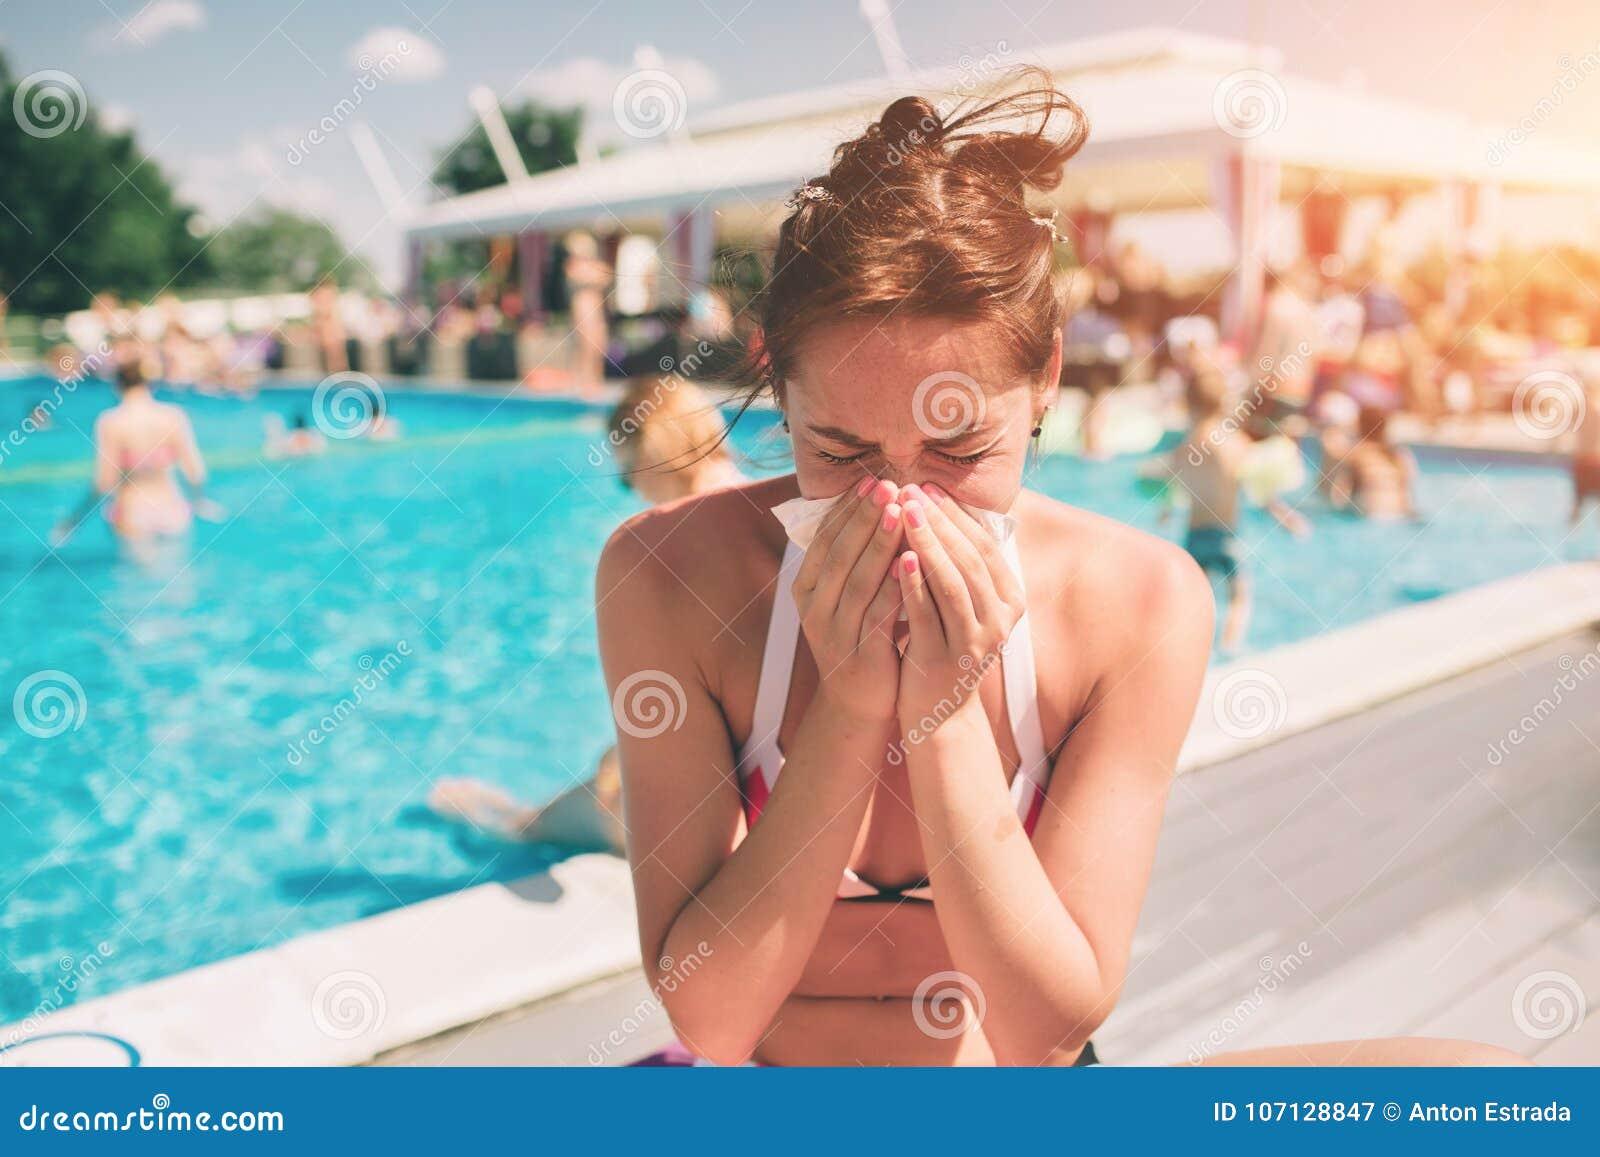 Obrazek od Piękne kobiety w bikini z chusteczką Chory kobieta model cieknącego nos Dziewczyna robi lekarstwu dla